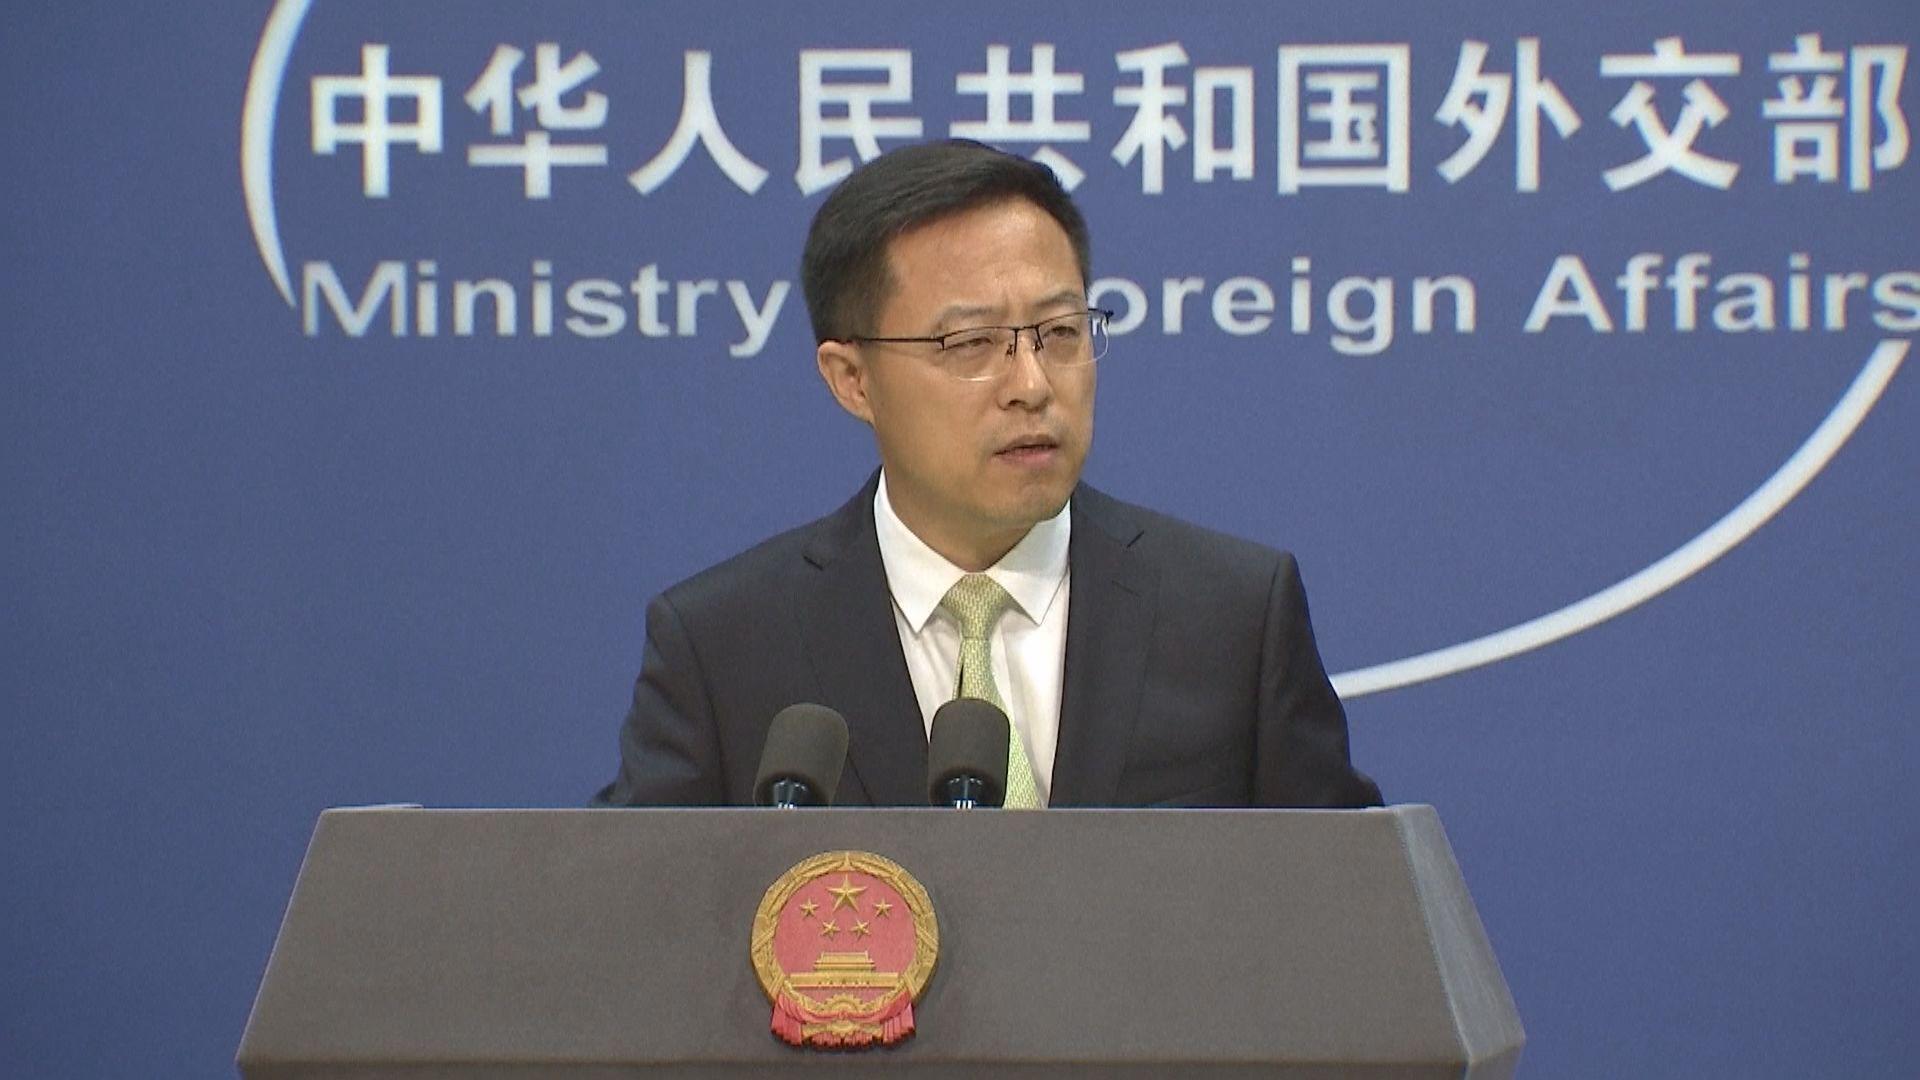 中國就捷克參院議長訪台向捷克駐華大使提出嚴正交涉